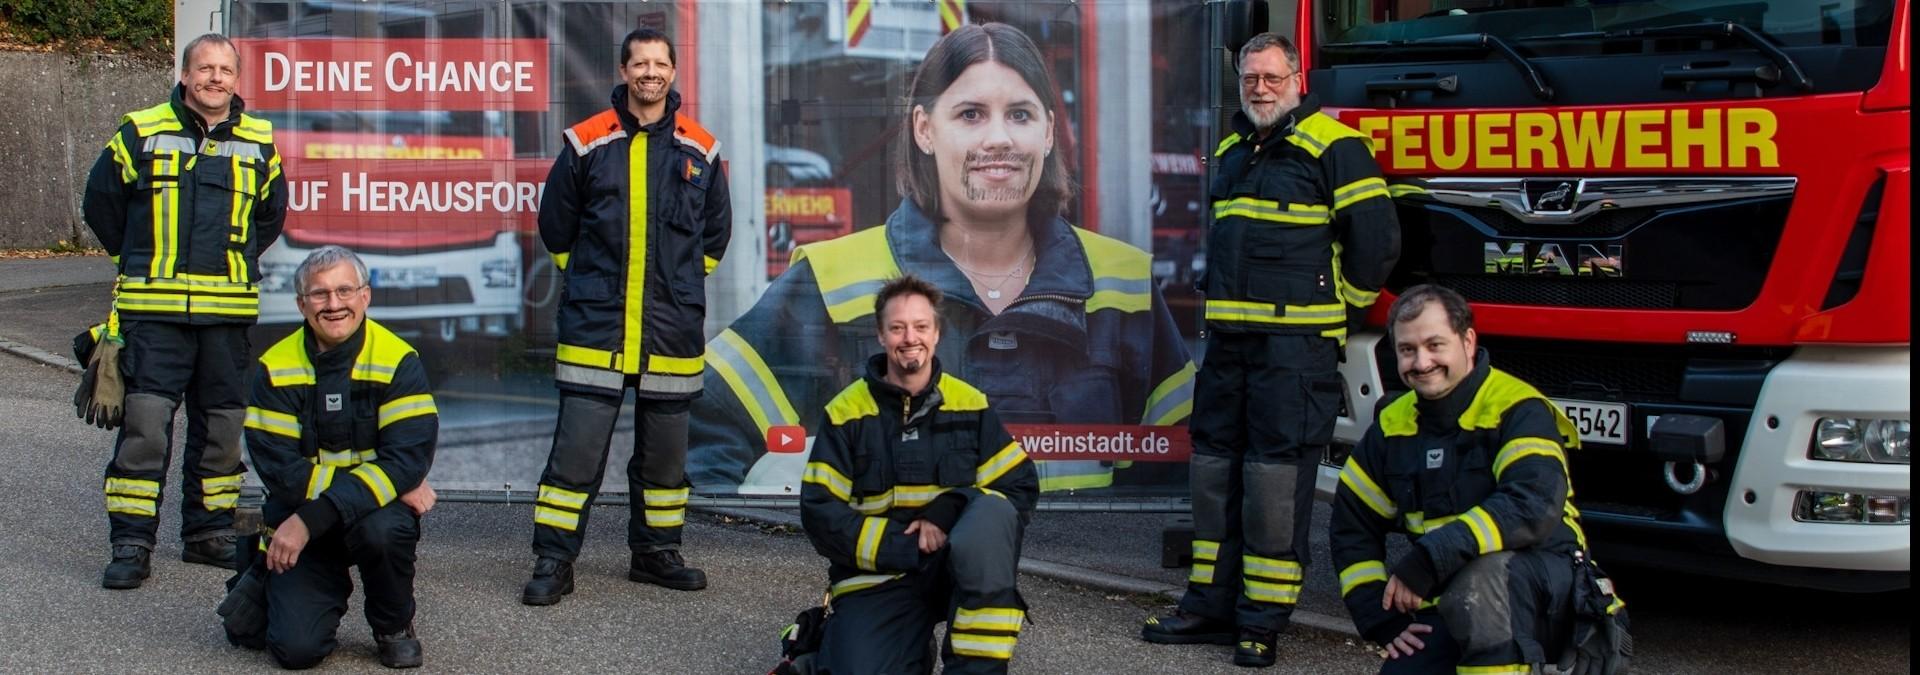 Humorvolle Reaktion der Weinstädter Feuerwehr